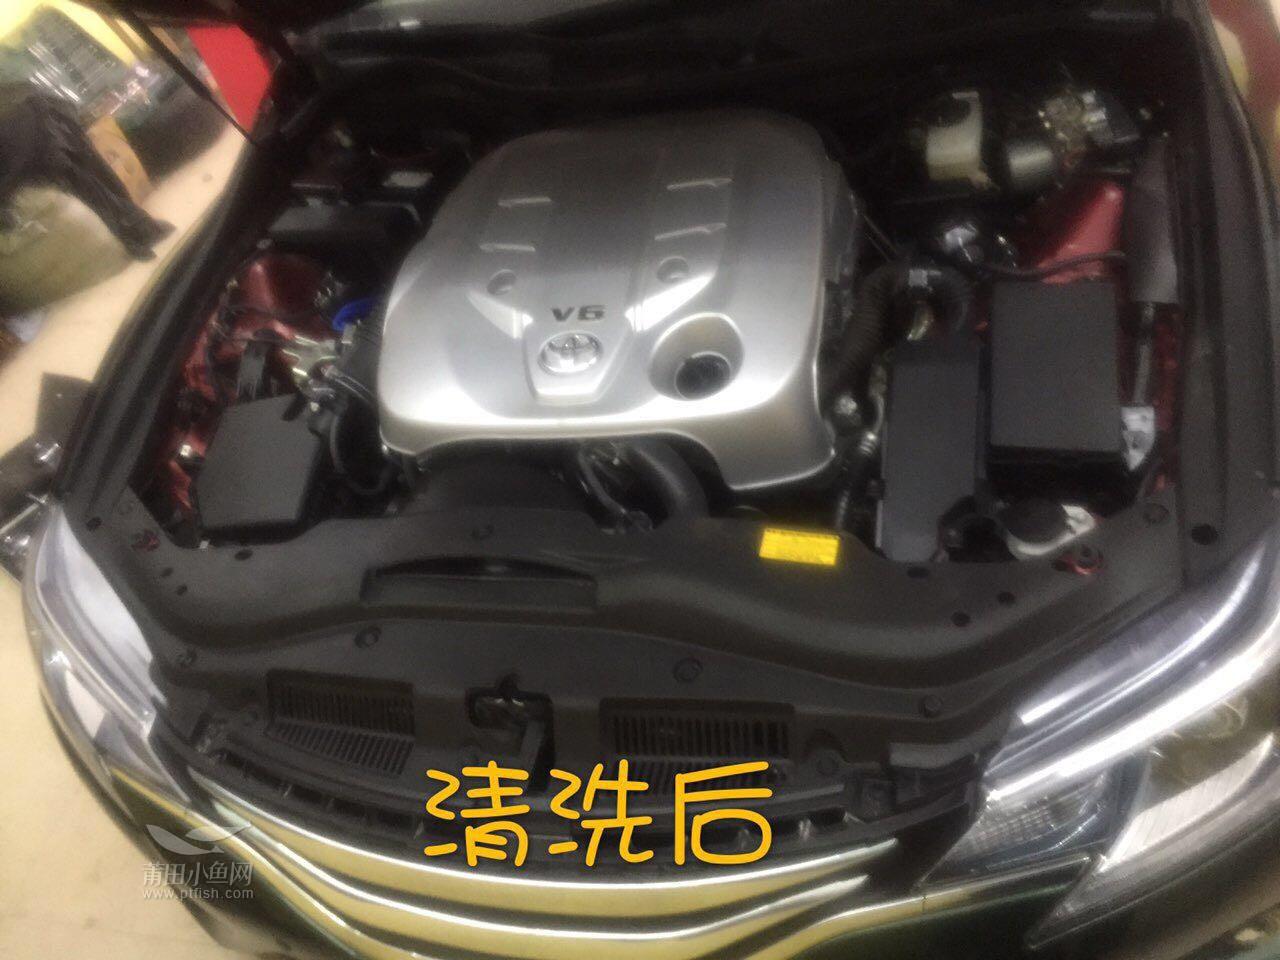 锐志更换机油 机油格 清洗发动机【金声汽车服务】